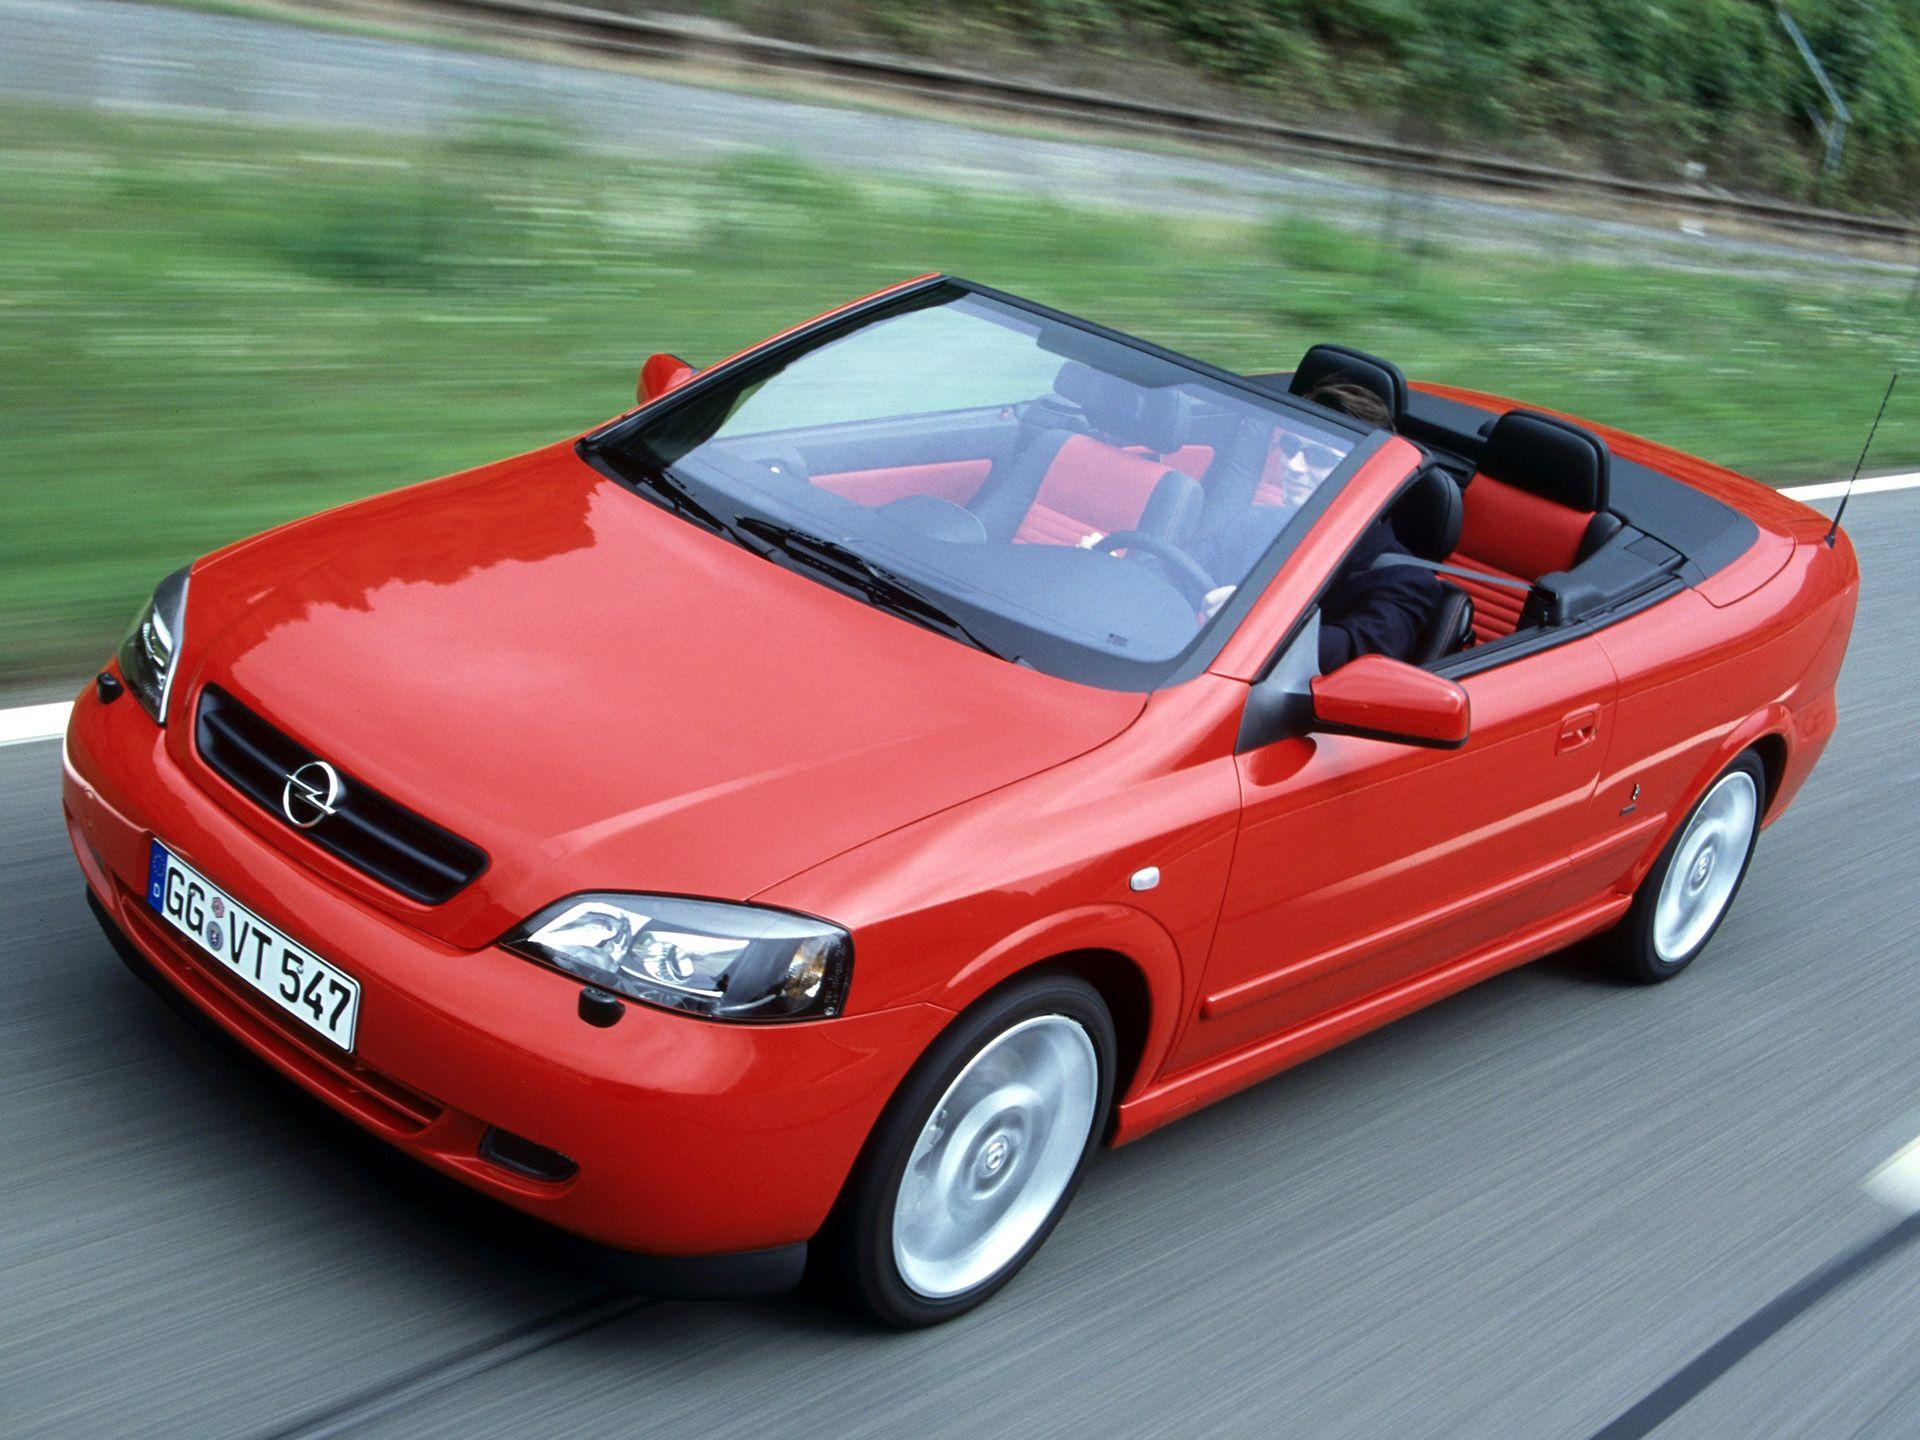 Opel Astra Cabrio Linea Rossa G 2003 04